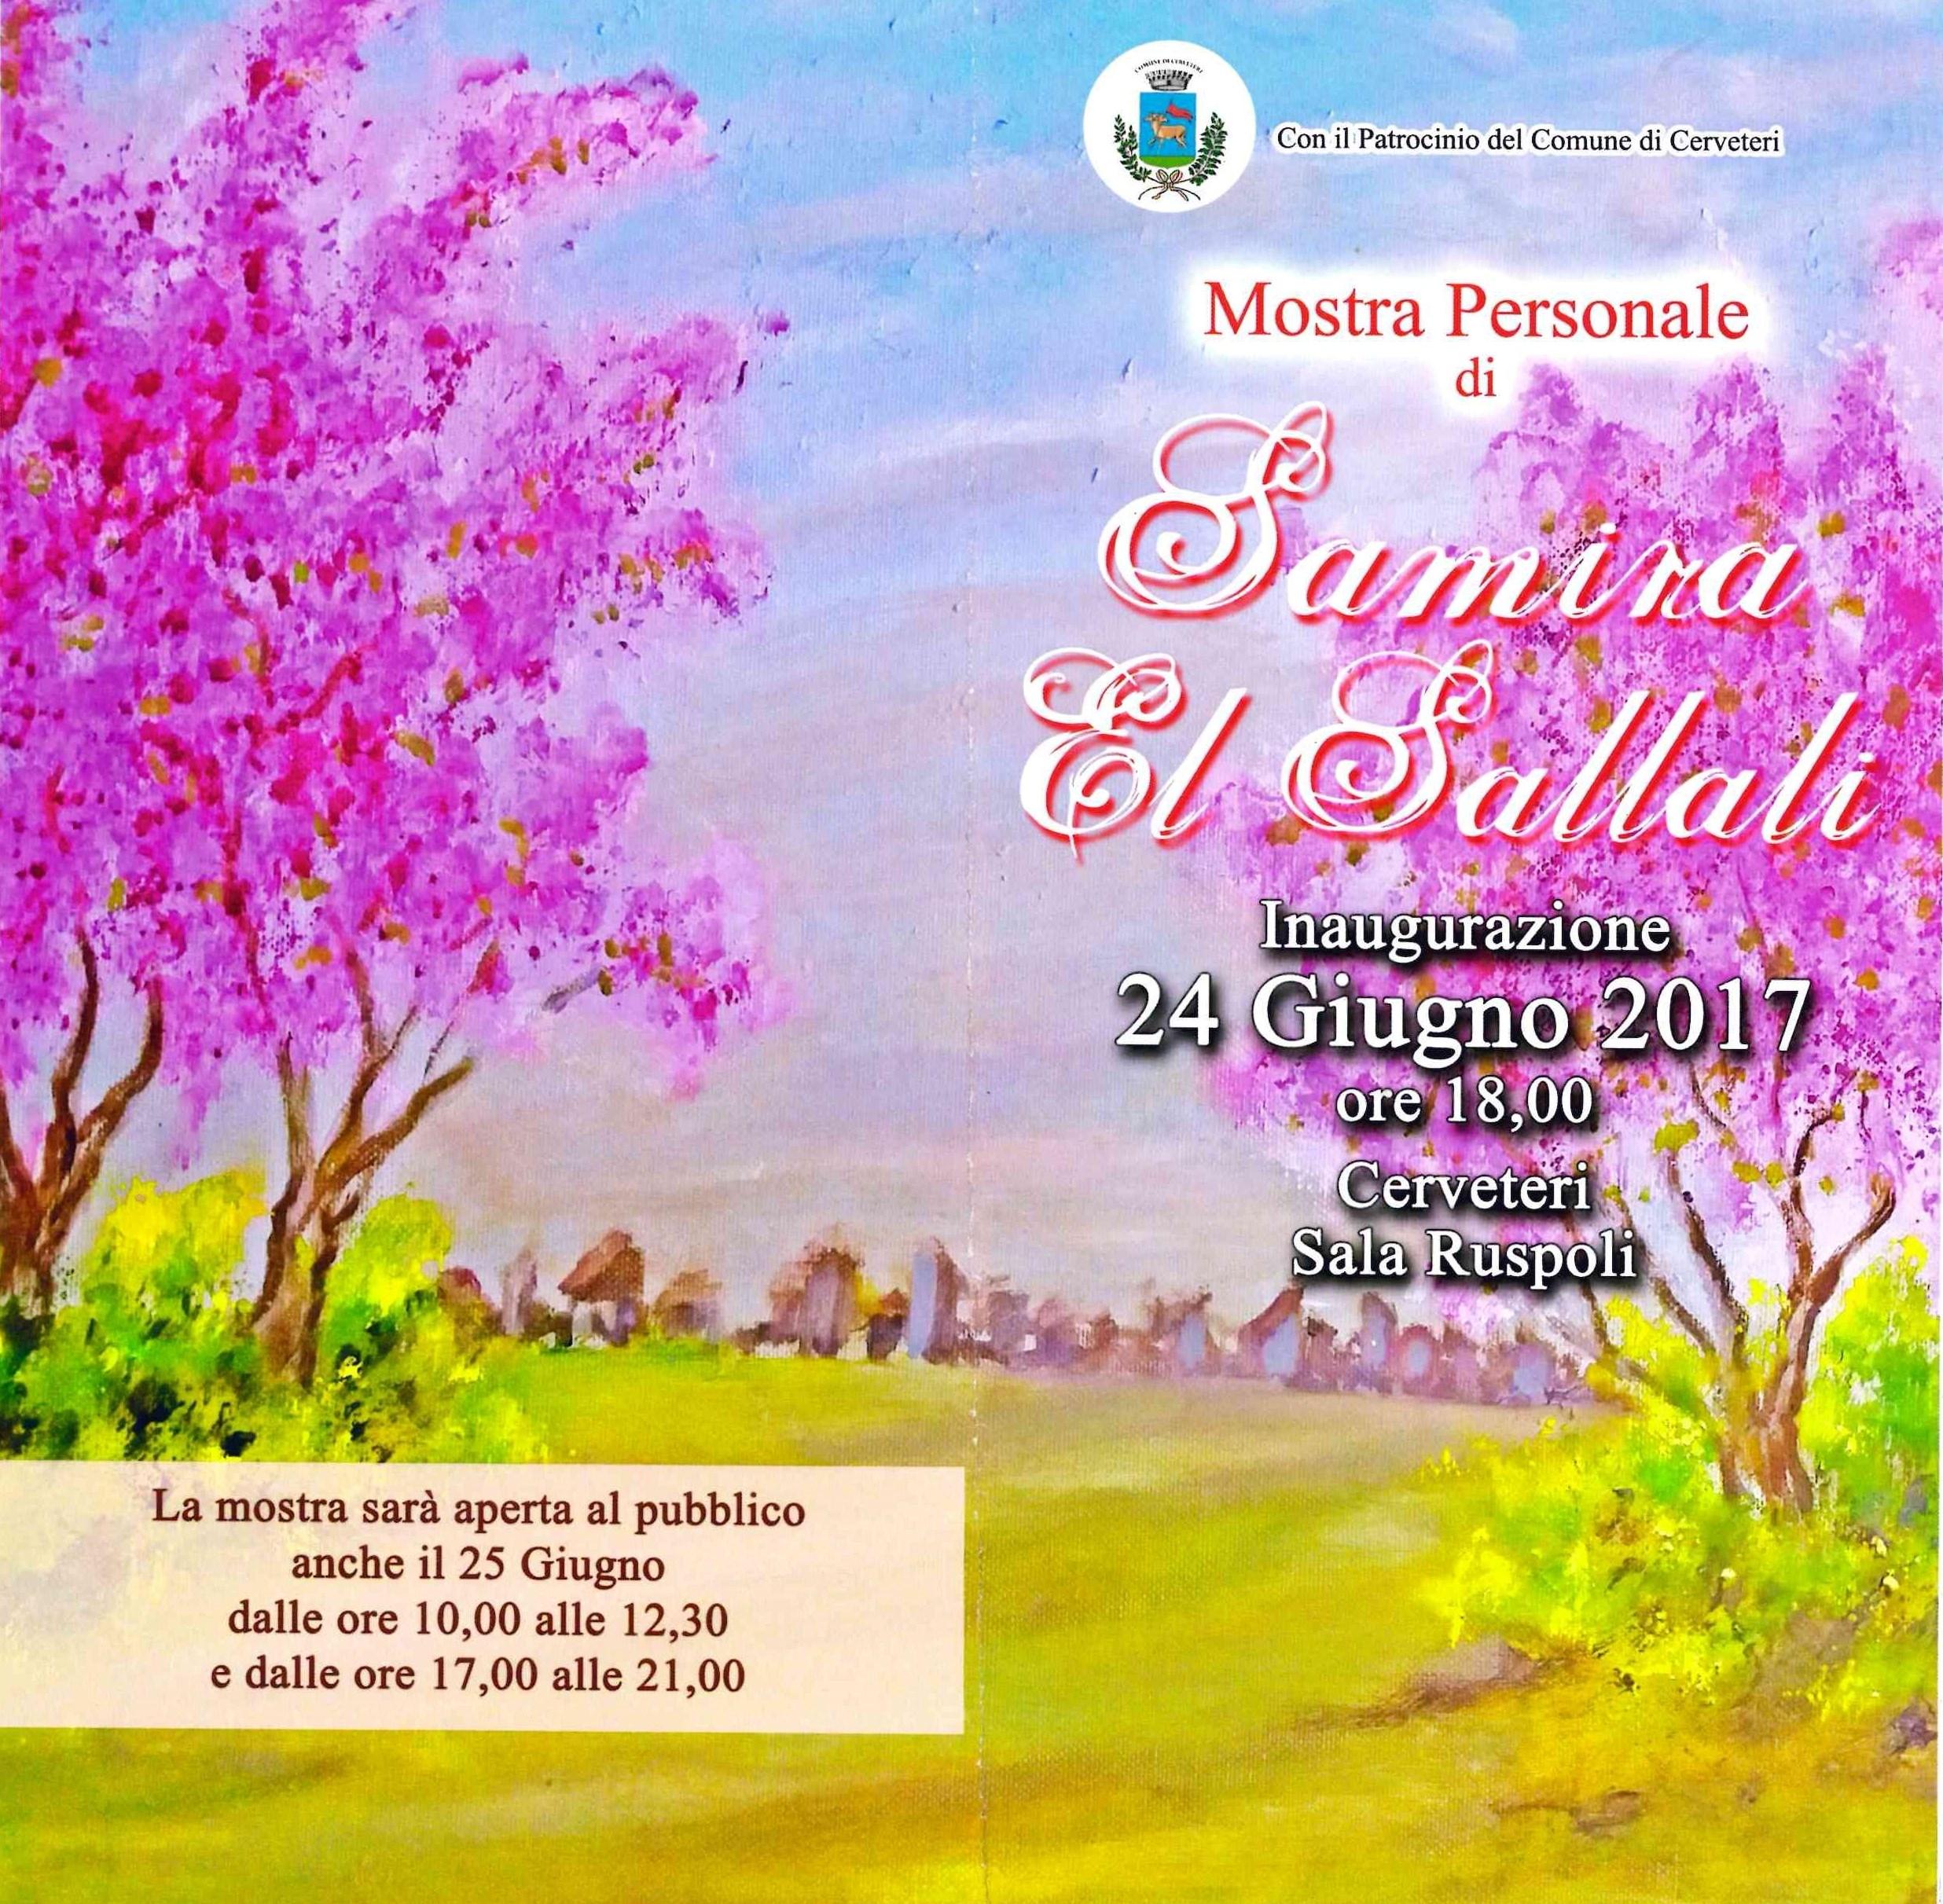 Cerveteri:  da Sabato 24 giugno alla Sala Ruspoli i meravigliosi colori di Samira El Sallali